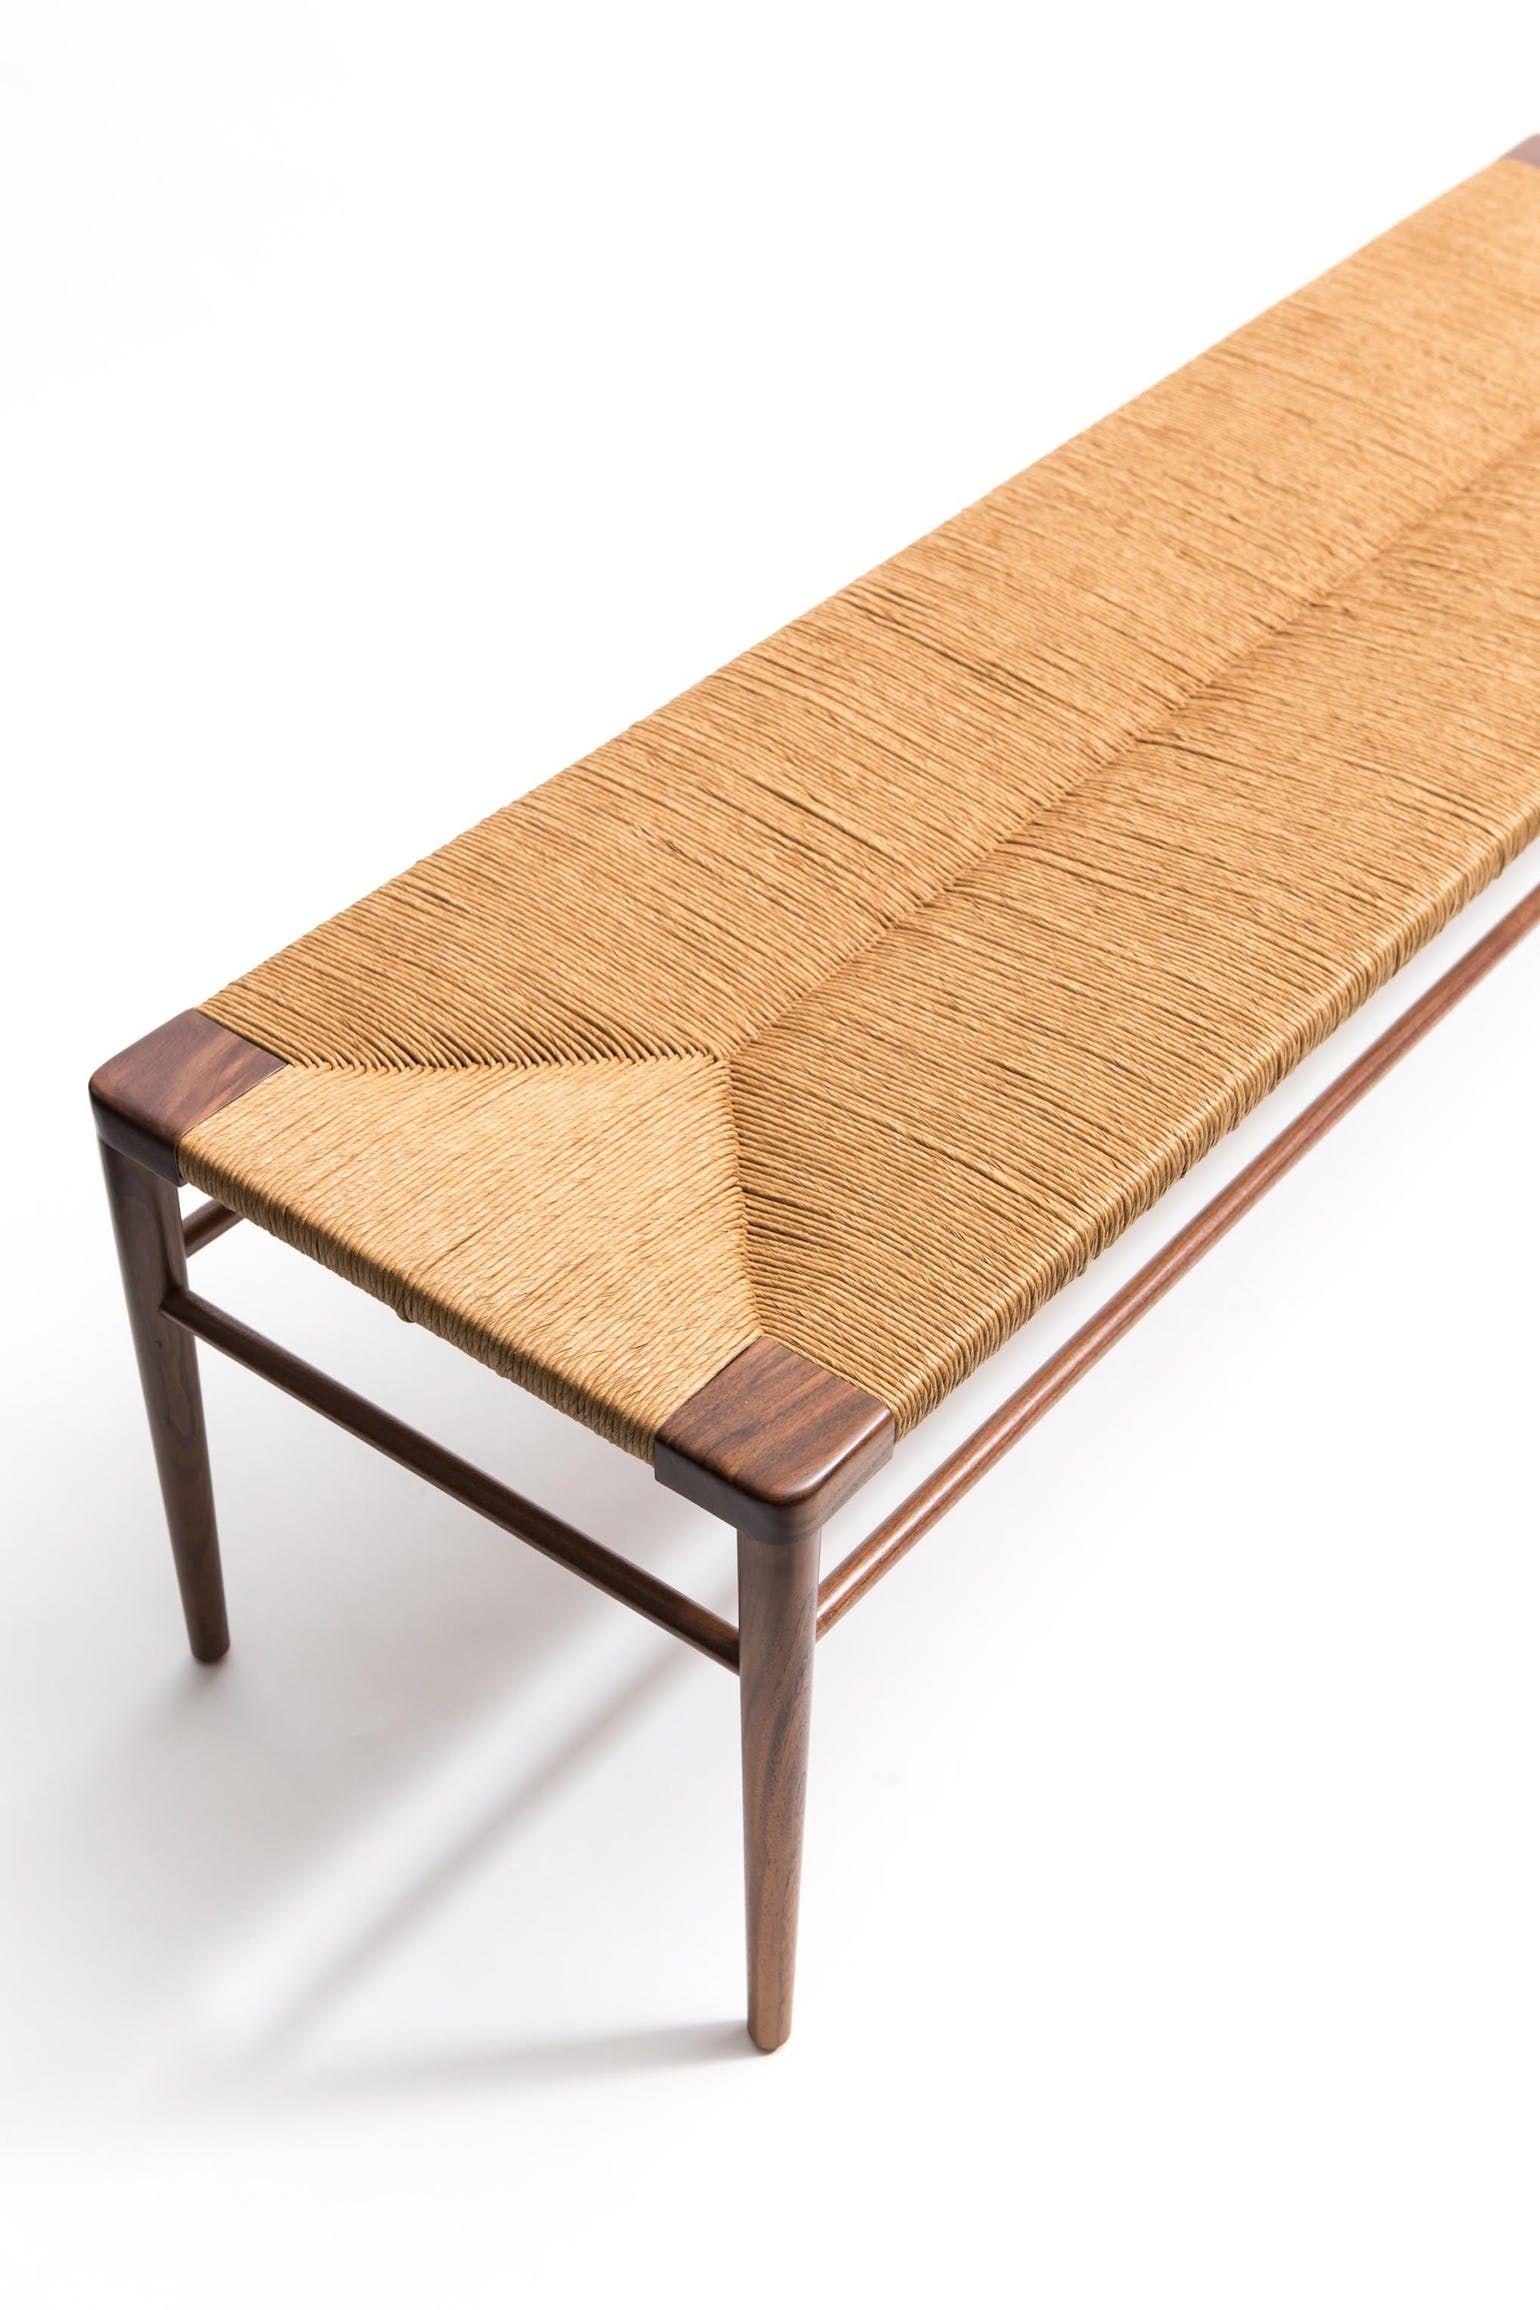 buy woven rush bench  rlb by smilow design  madetoorder  - buy woven rush bench  rlb by smilow design  madetoorder designer